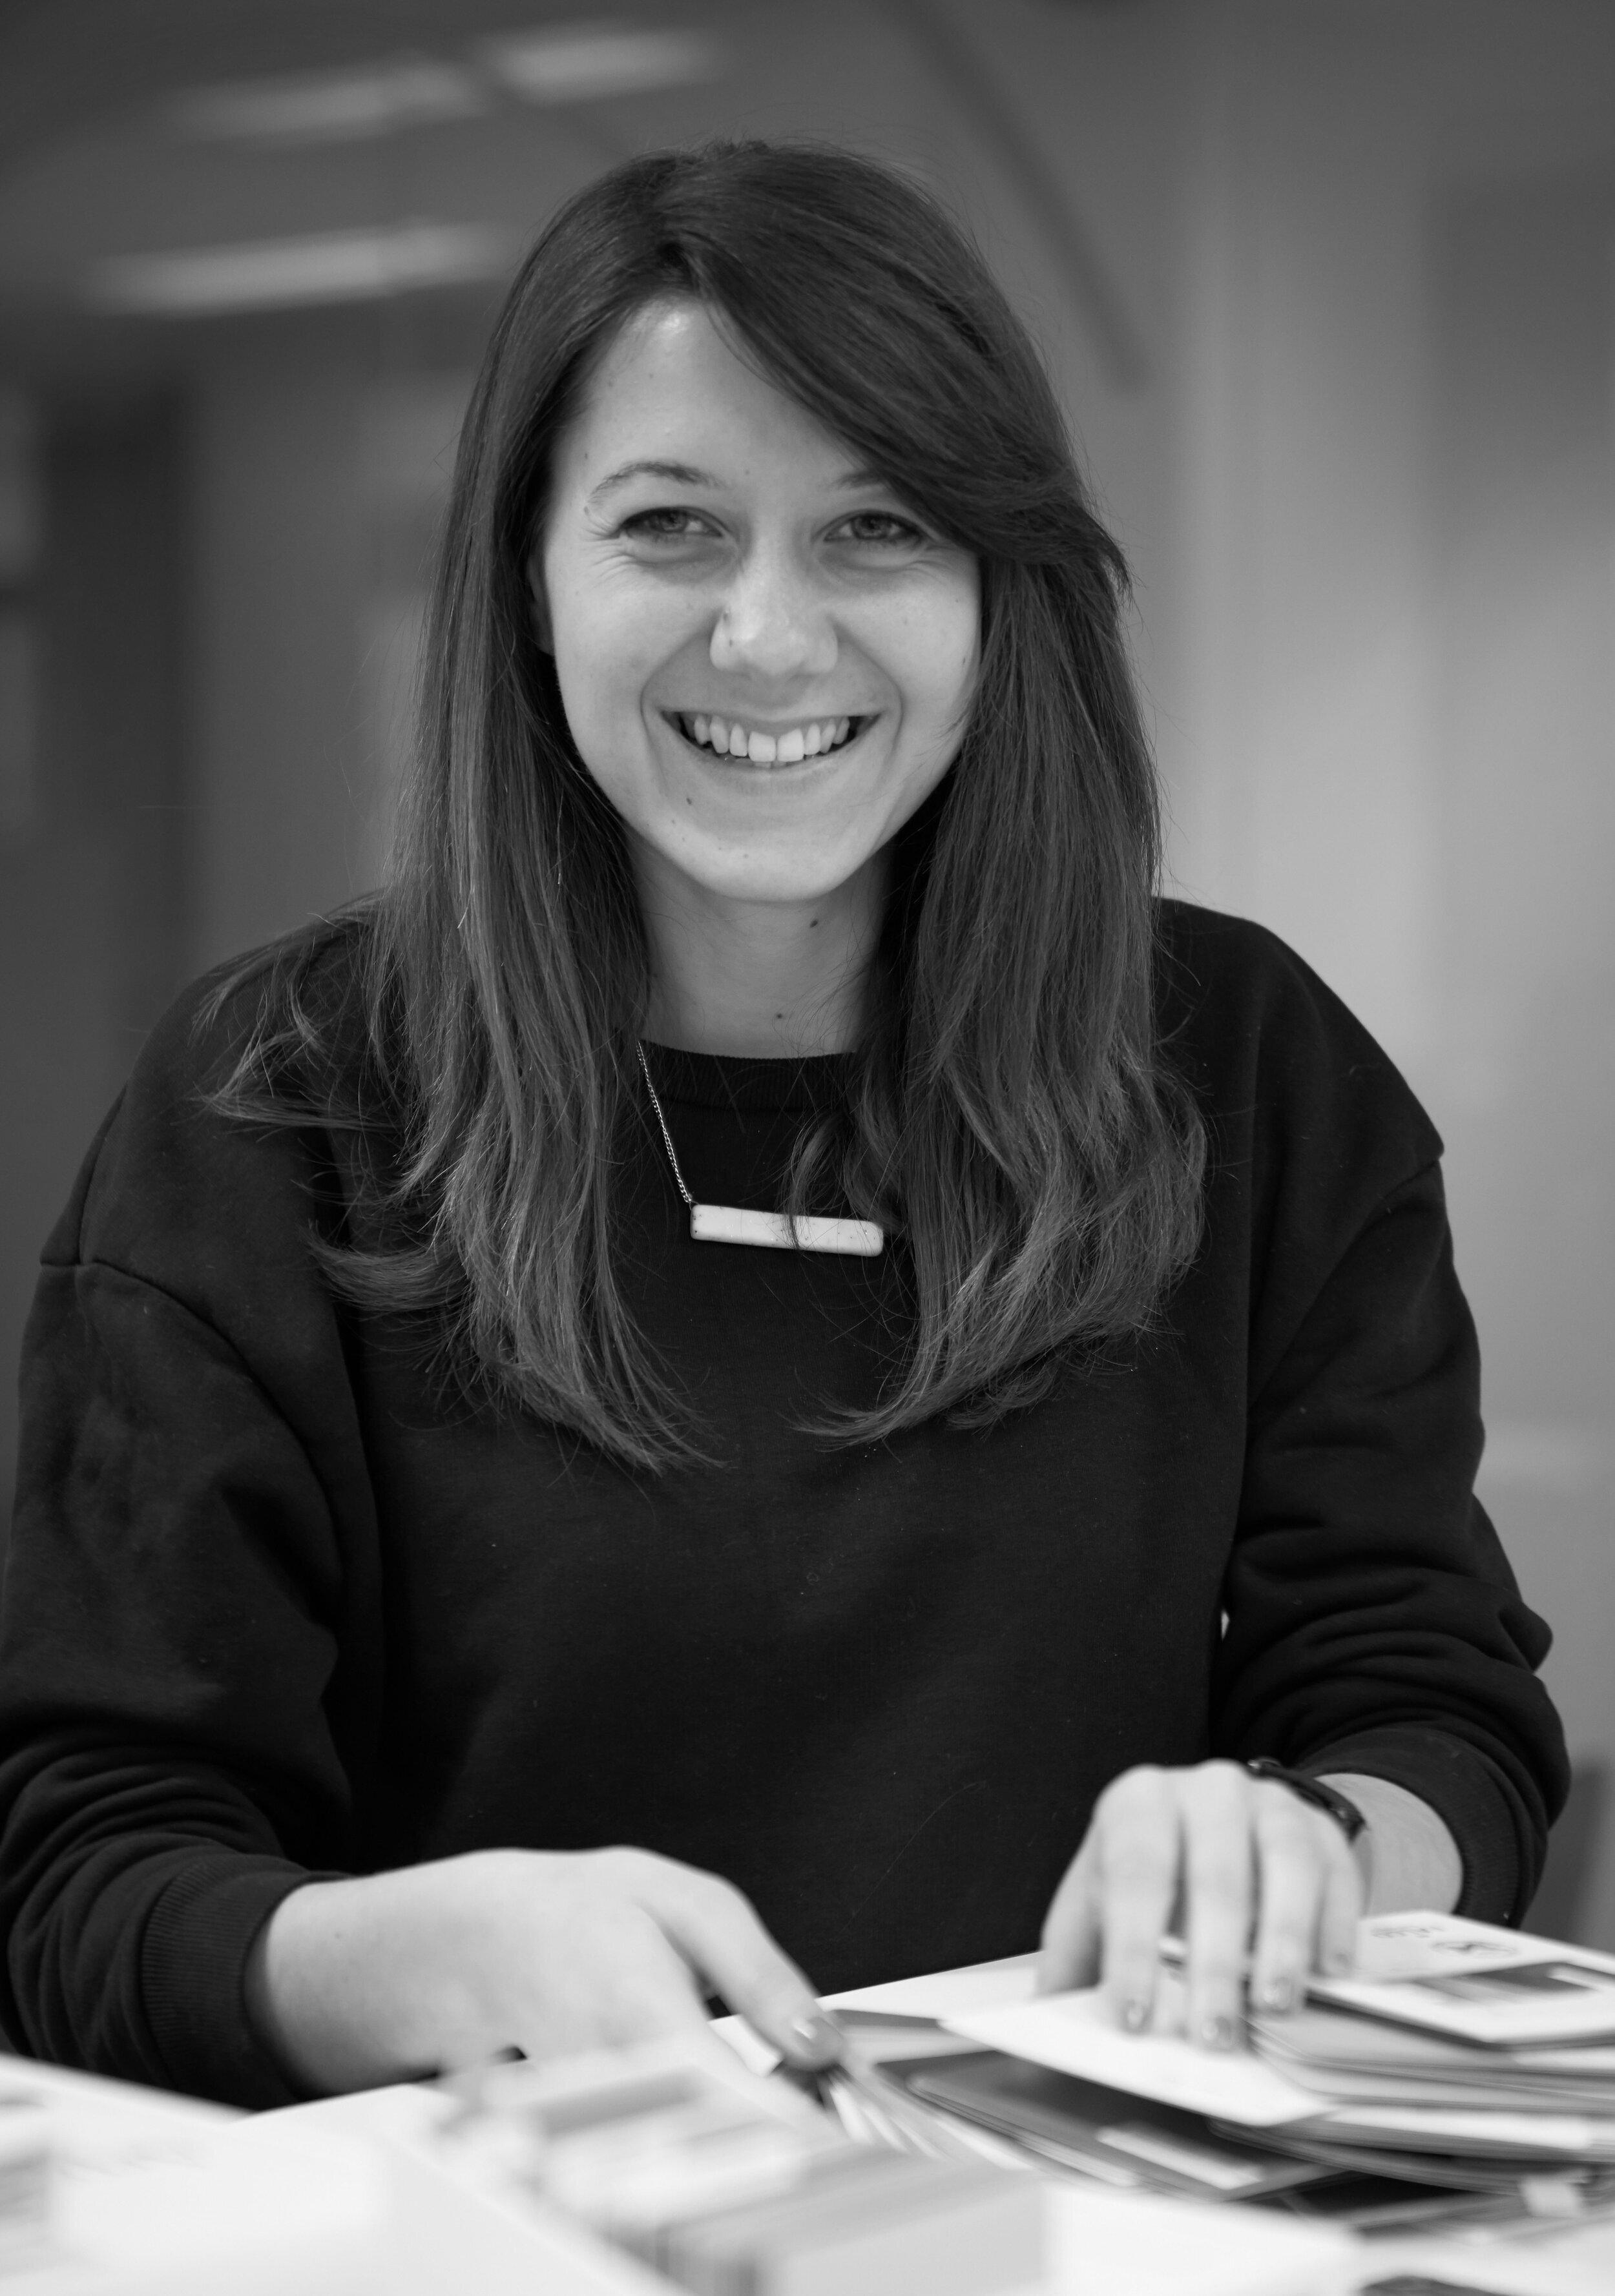 Ines Antal, Graphic Designer